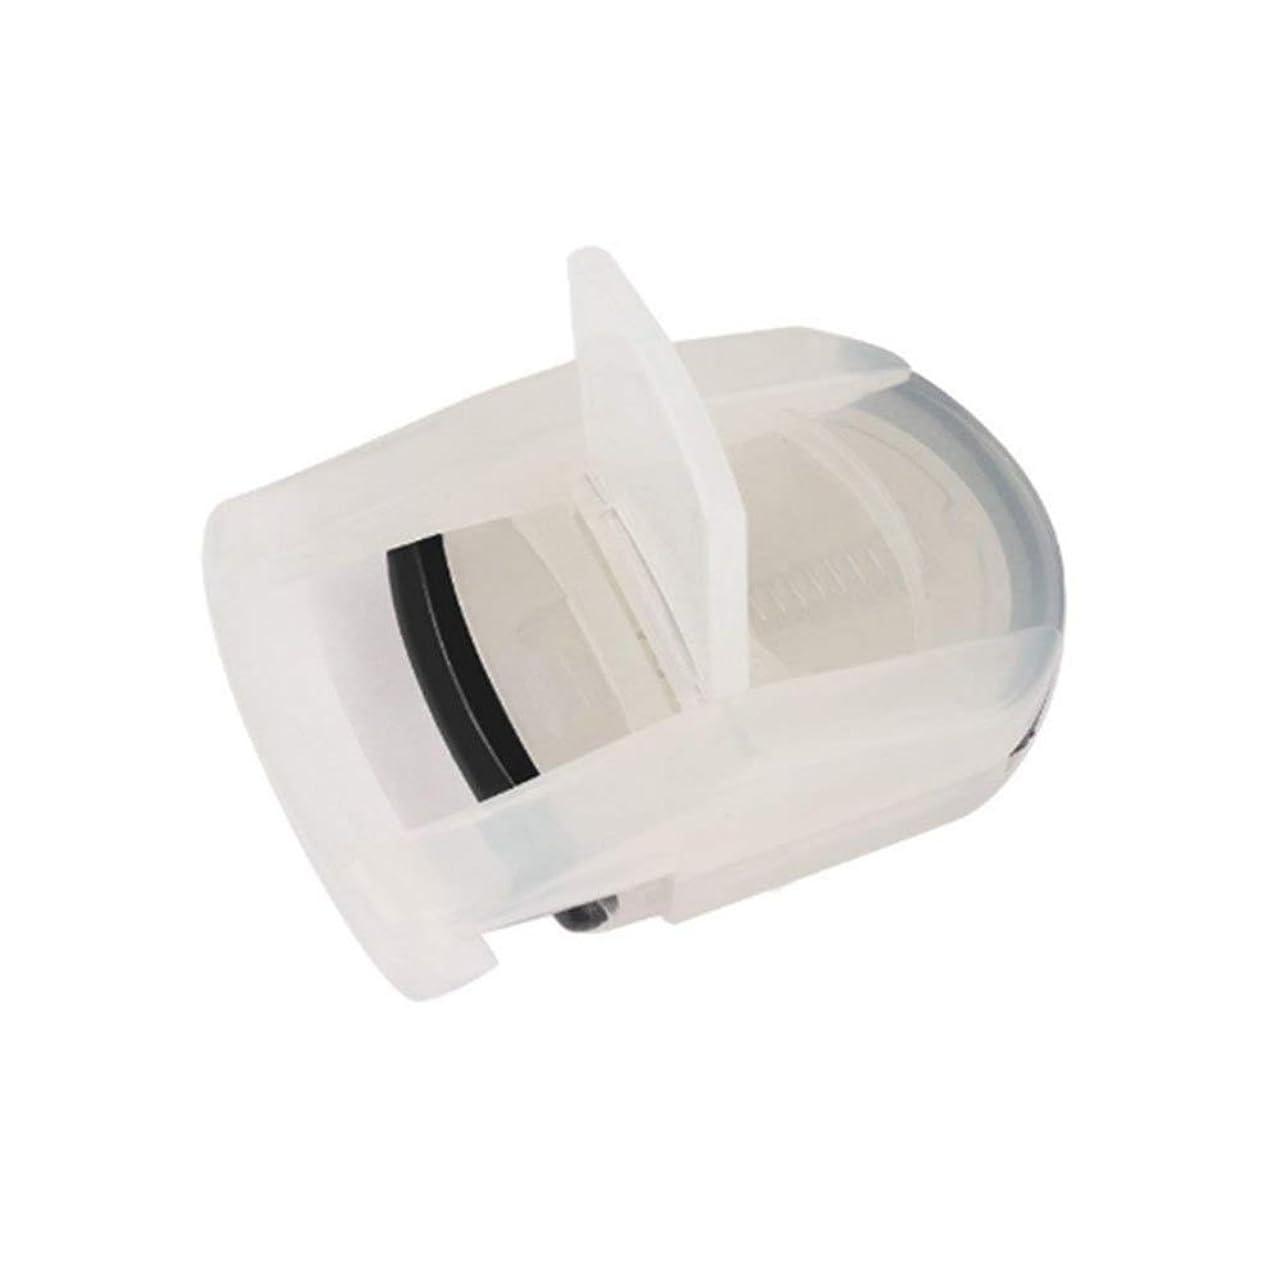 表面的な敵対的香り山の奥 アイラッシュカーラー ビューラー カーラー 化粧 高級感 まつげを扇状 携帯用